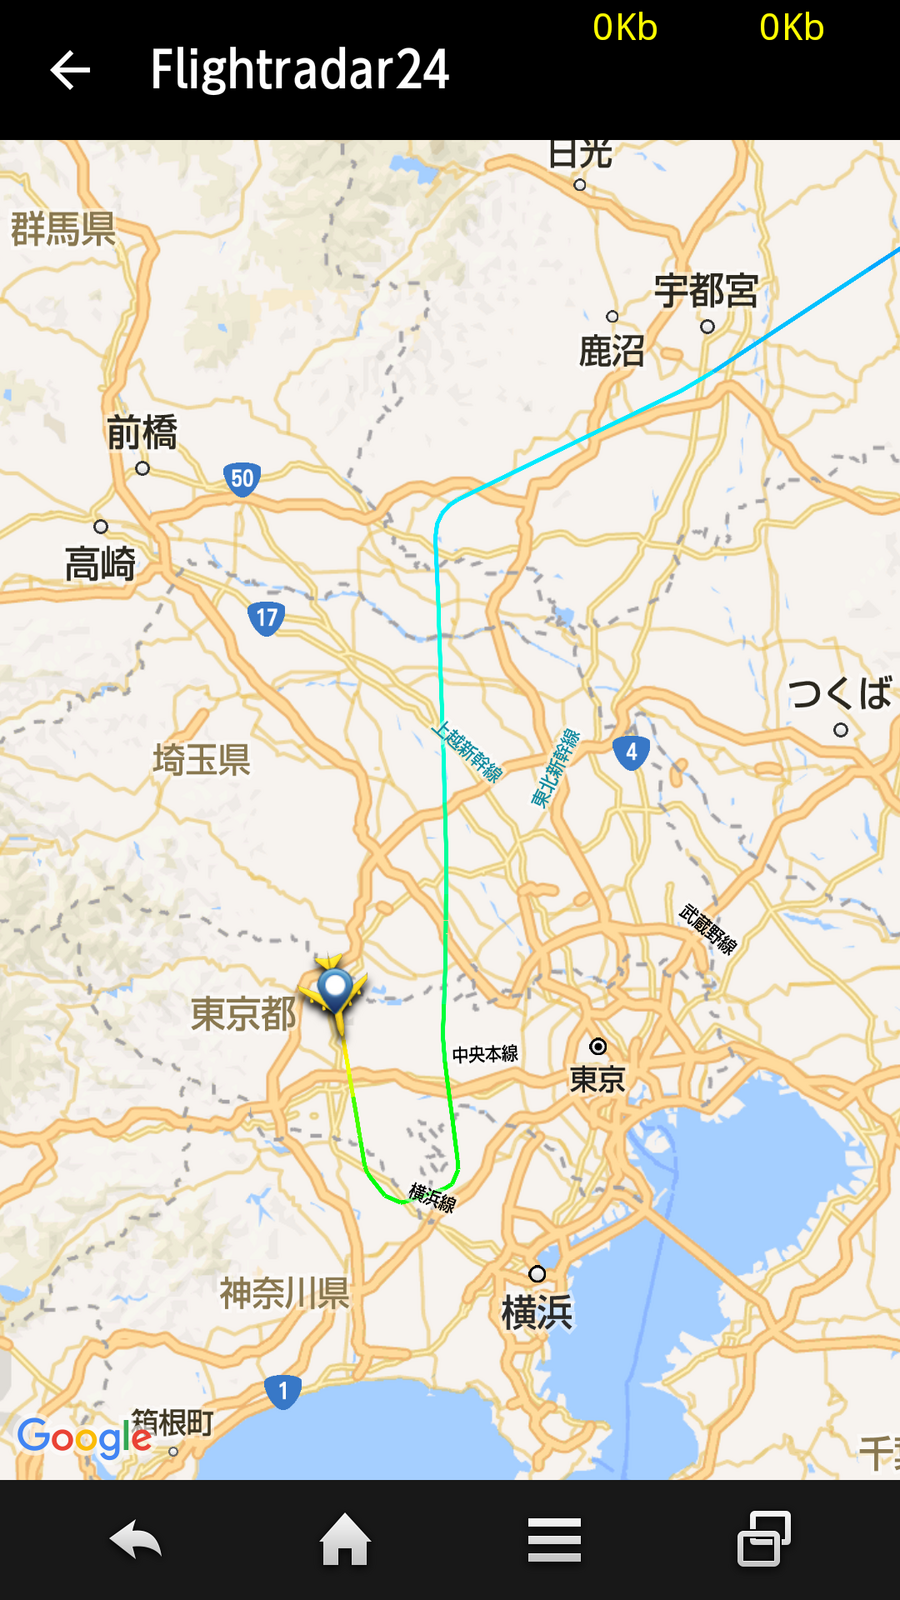 Kallita_air_k4414suuoko_b747446_5